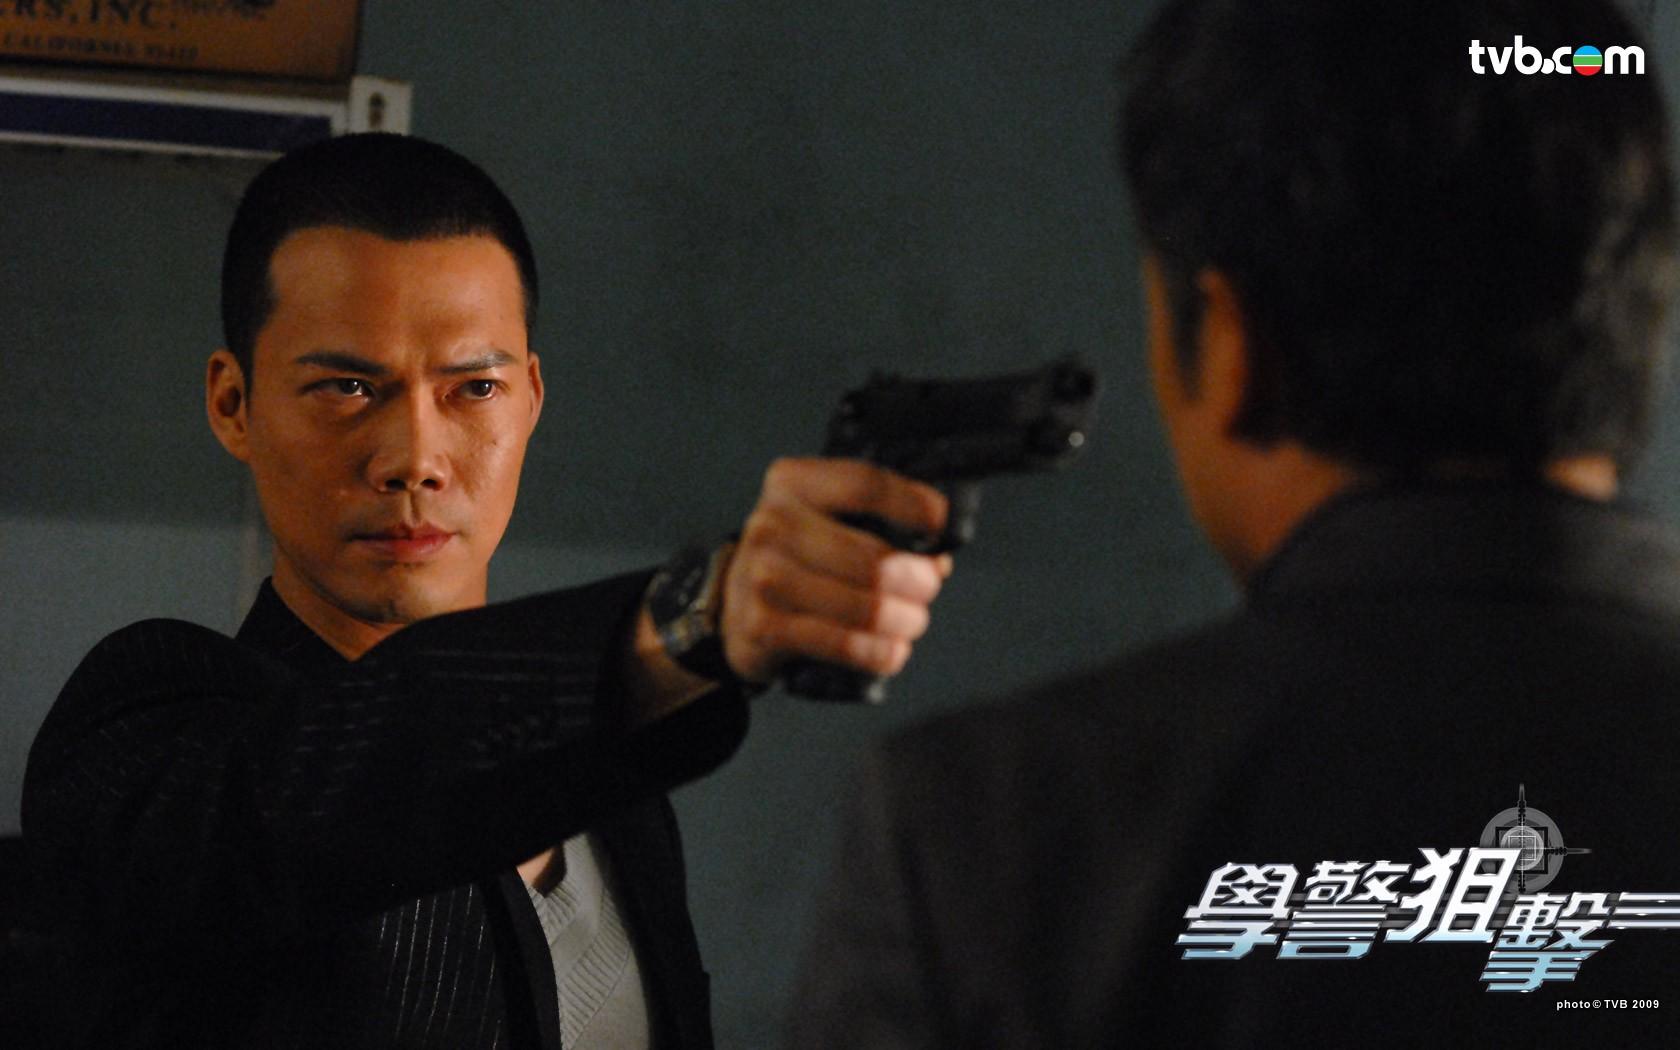 4 bộ phim hình cảnh vang dội của TVB: Bộ cuối cùng vừa làm nên điều đáng kinh ngạc - Ảnh 1.